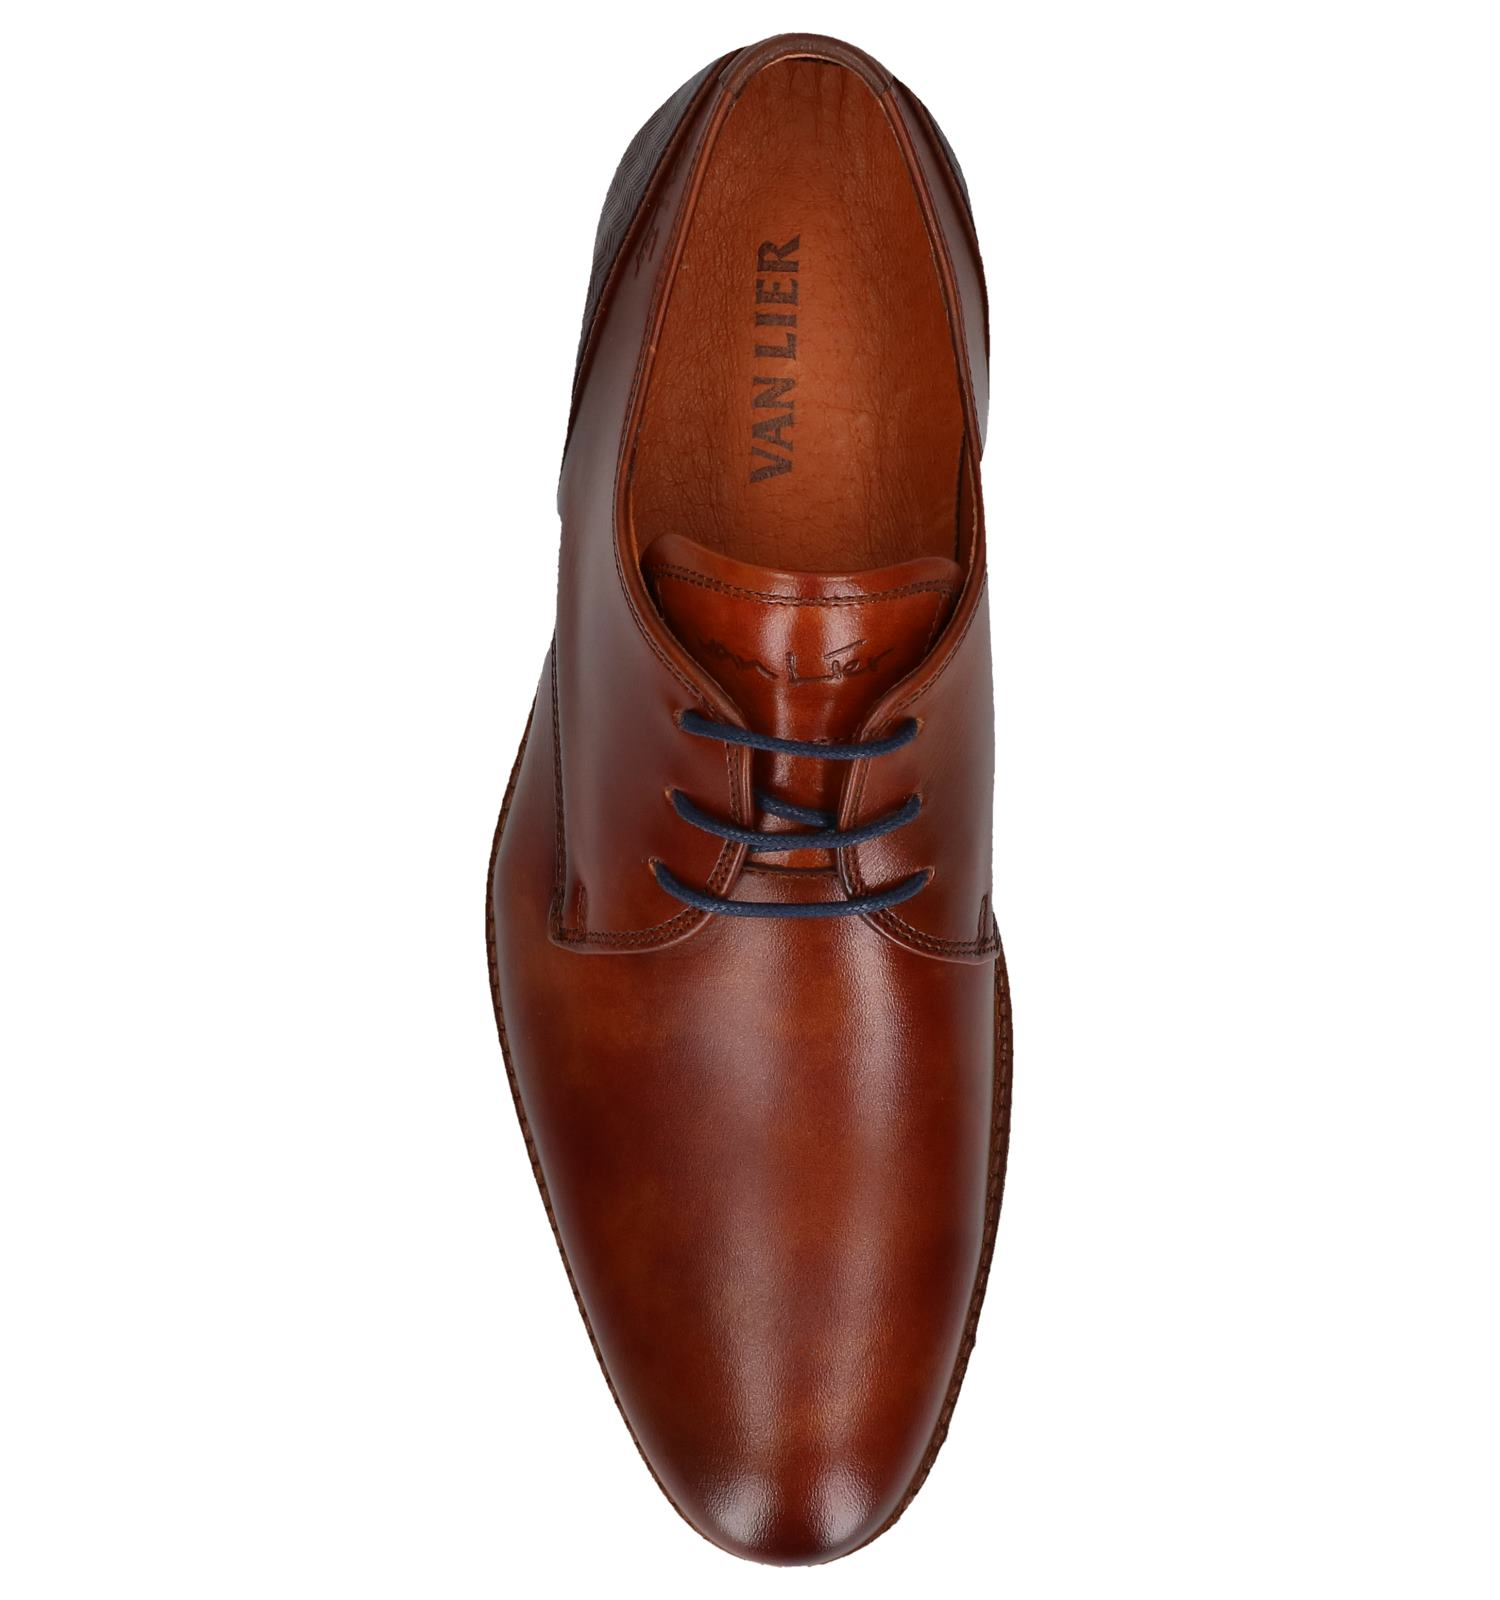 Van Lier Chaussures habillées en Cognac | TORFS.BE | Livraison et retour gratuits